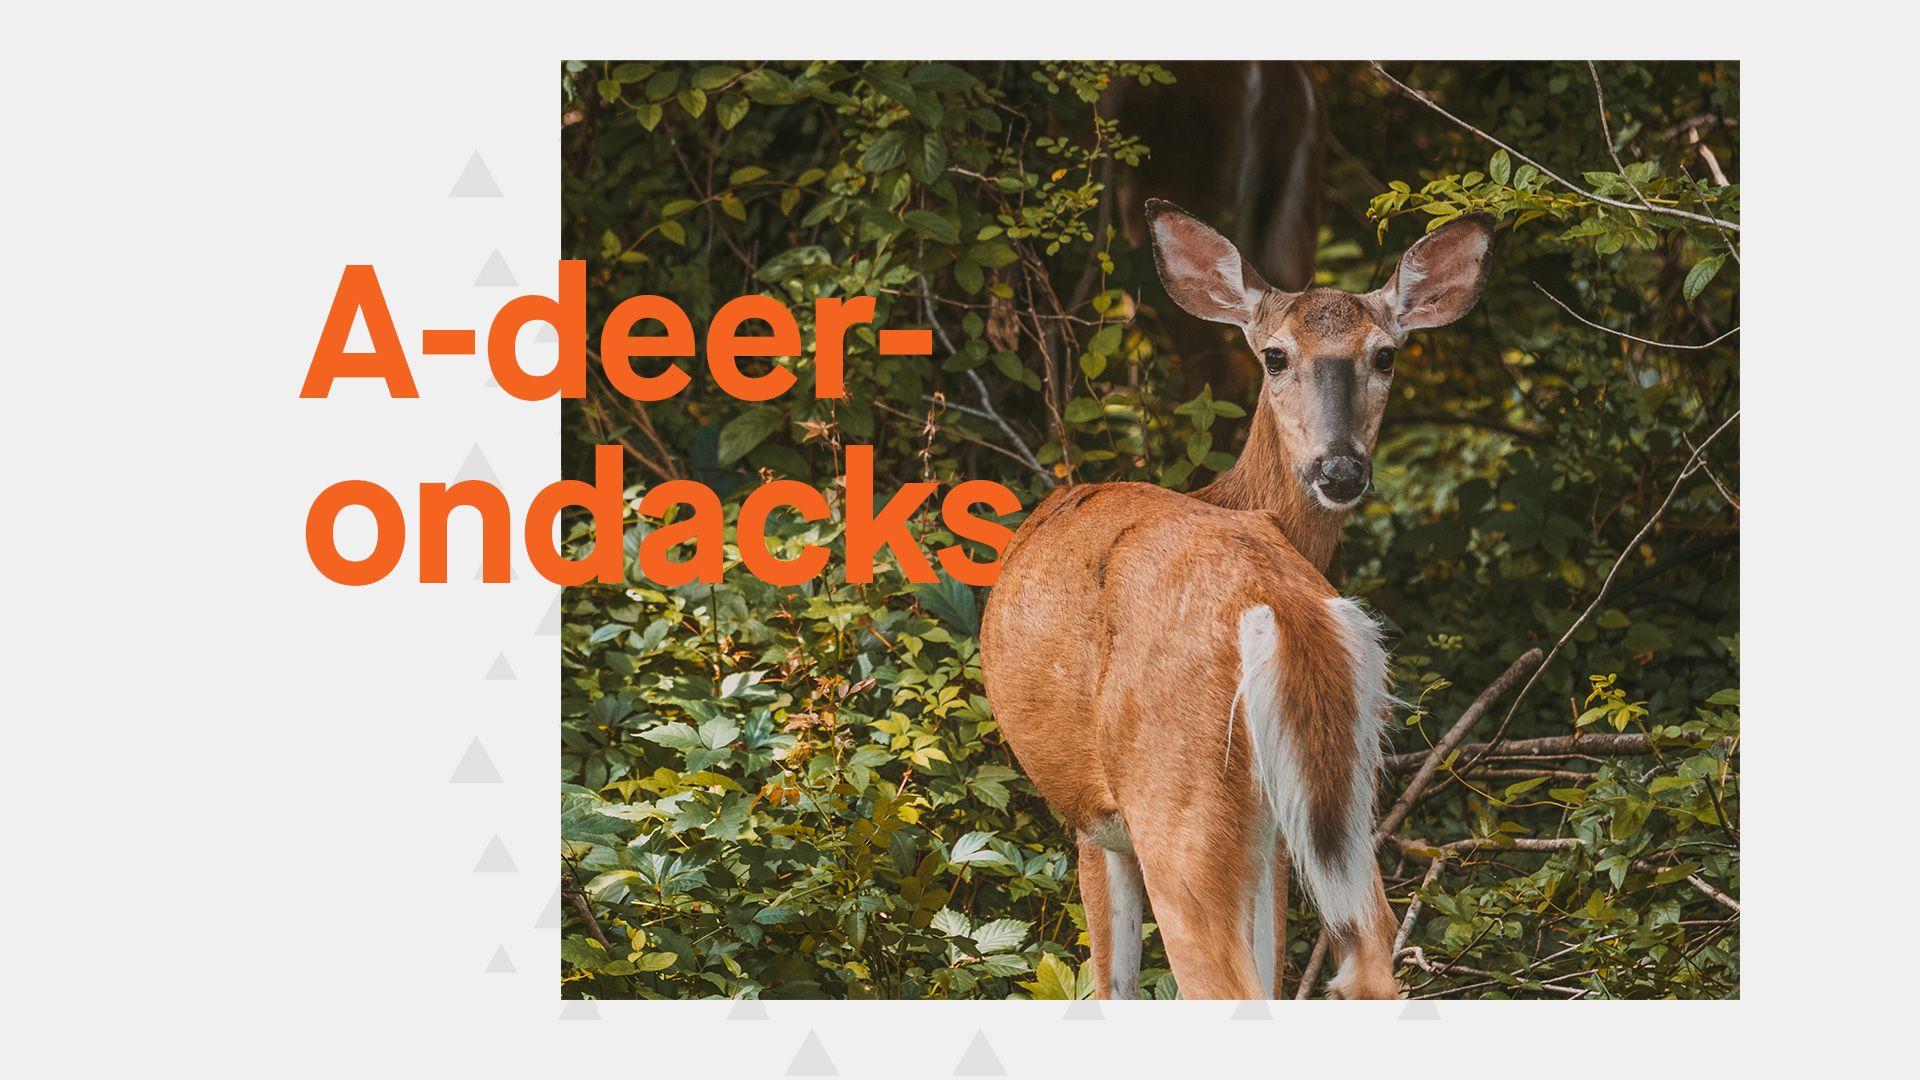 A-deer-ondacks